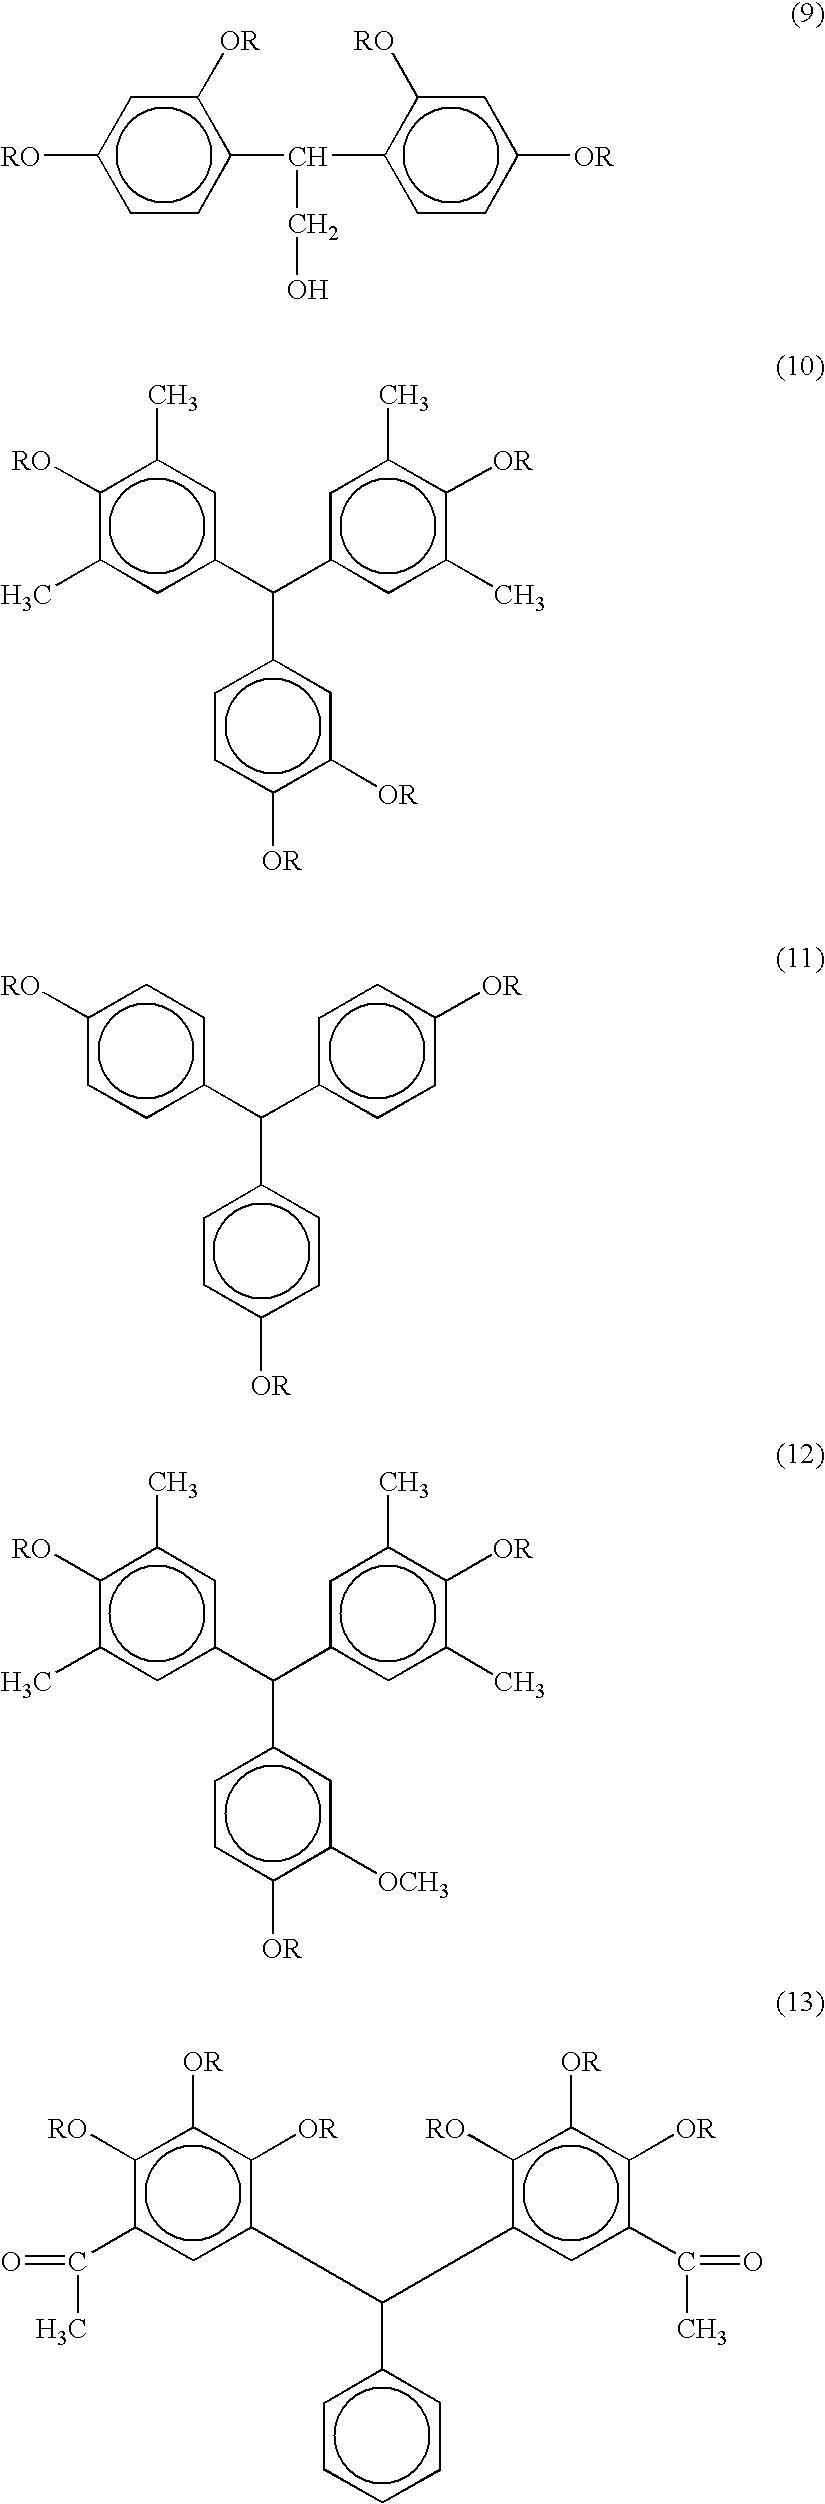 Figure US20070003871A1-20070104-C00083